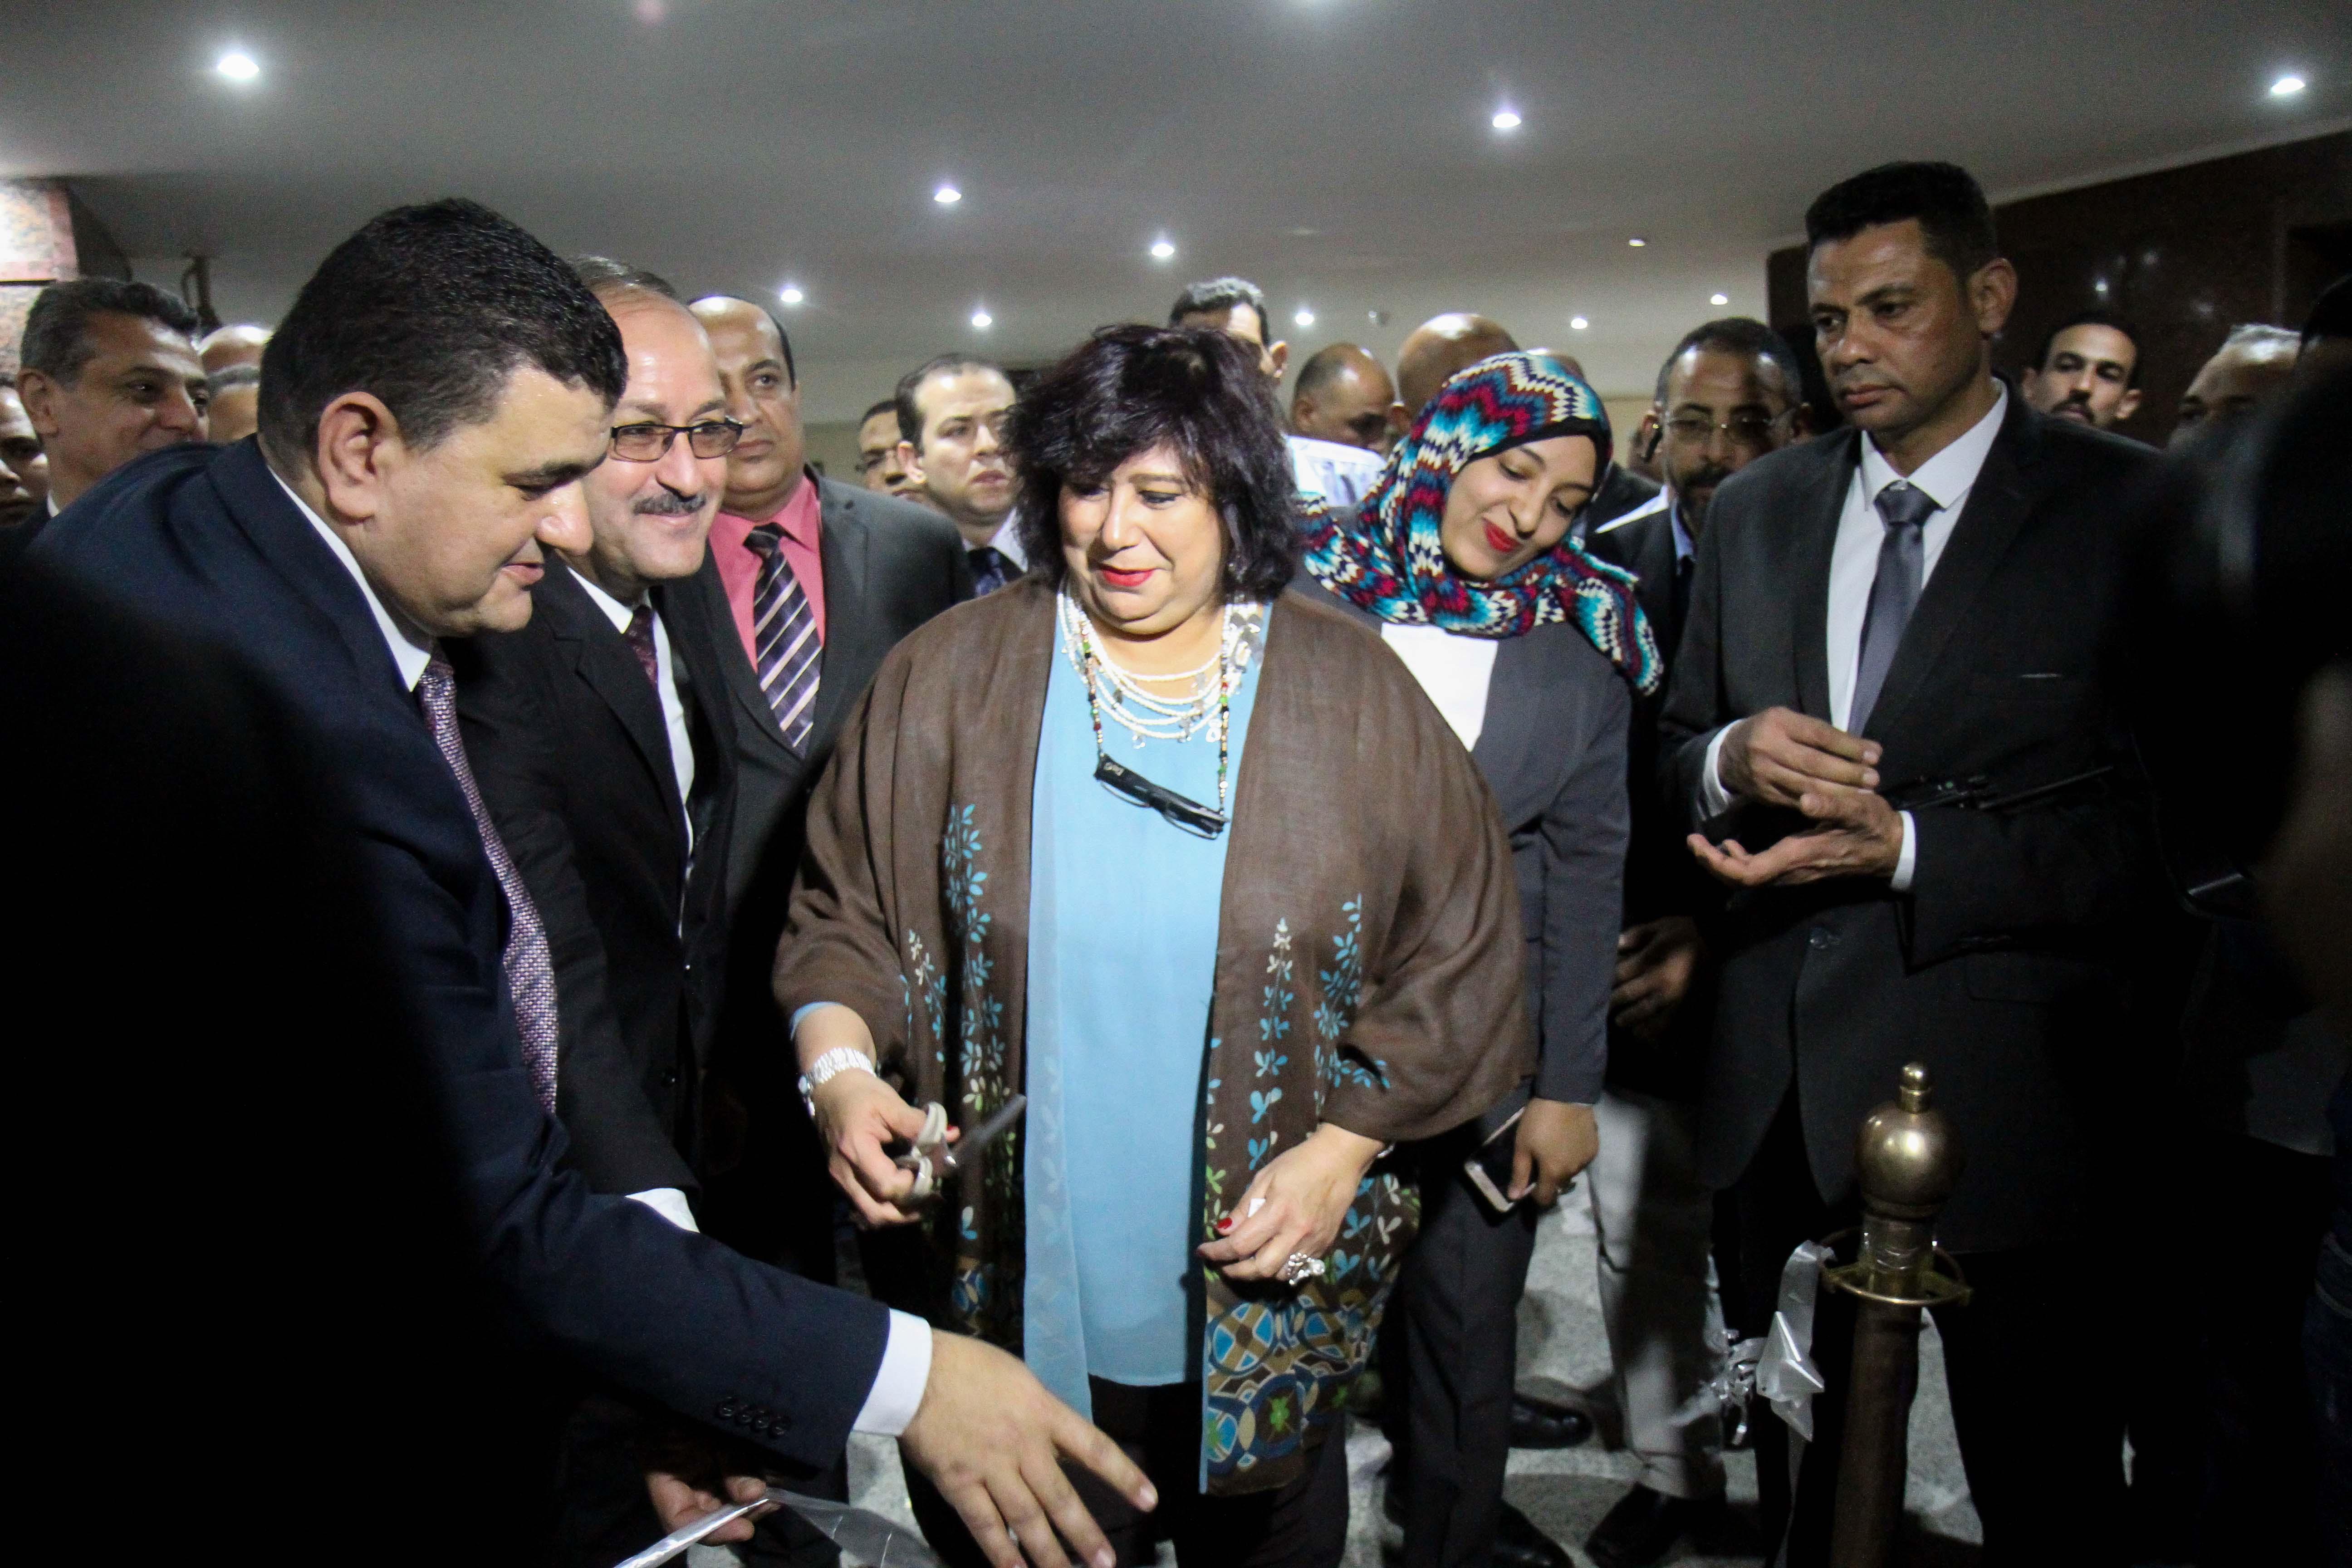 وزيرة الثقافة تستمع لشرح أحمد الشوكي رئيس دار الكتب